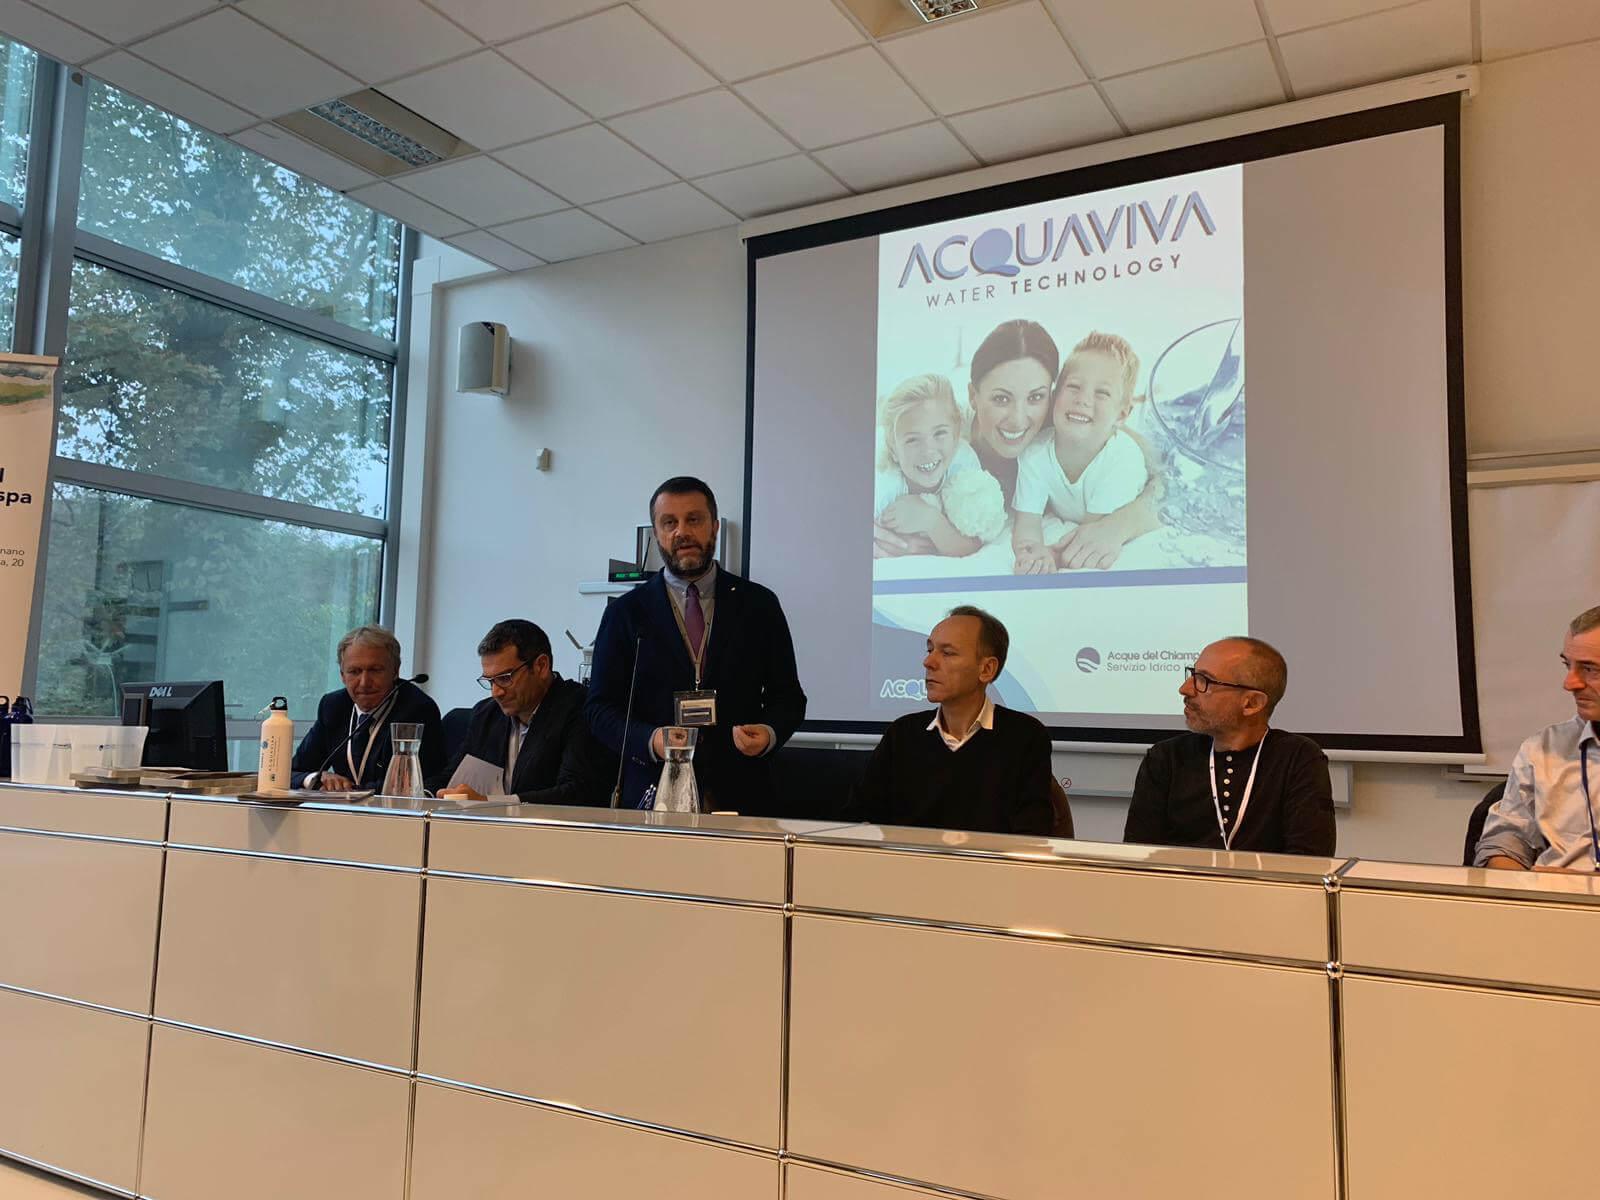 Foto Chiampo conferenza